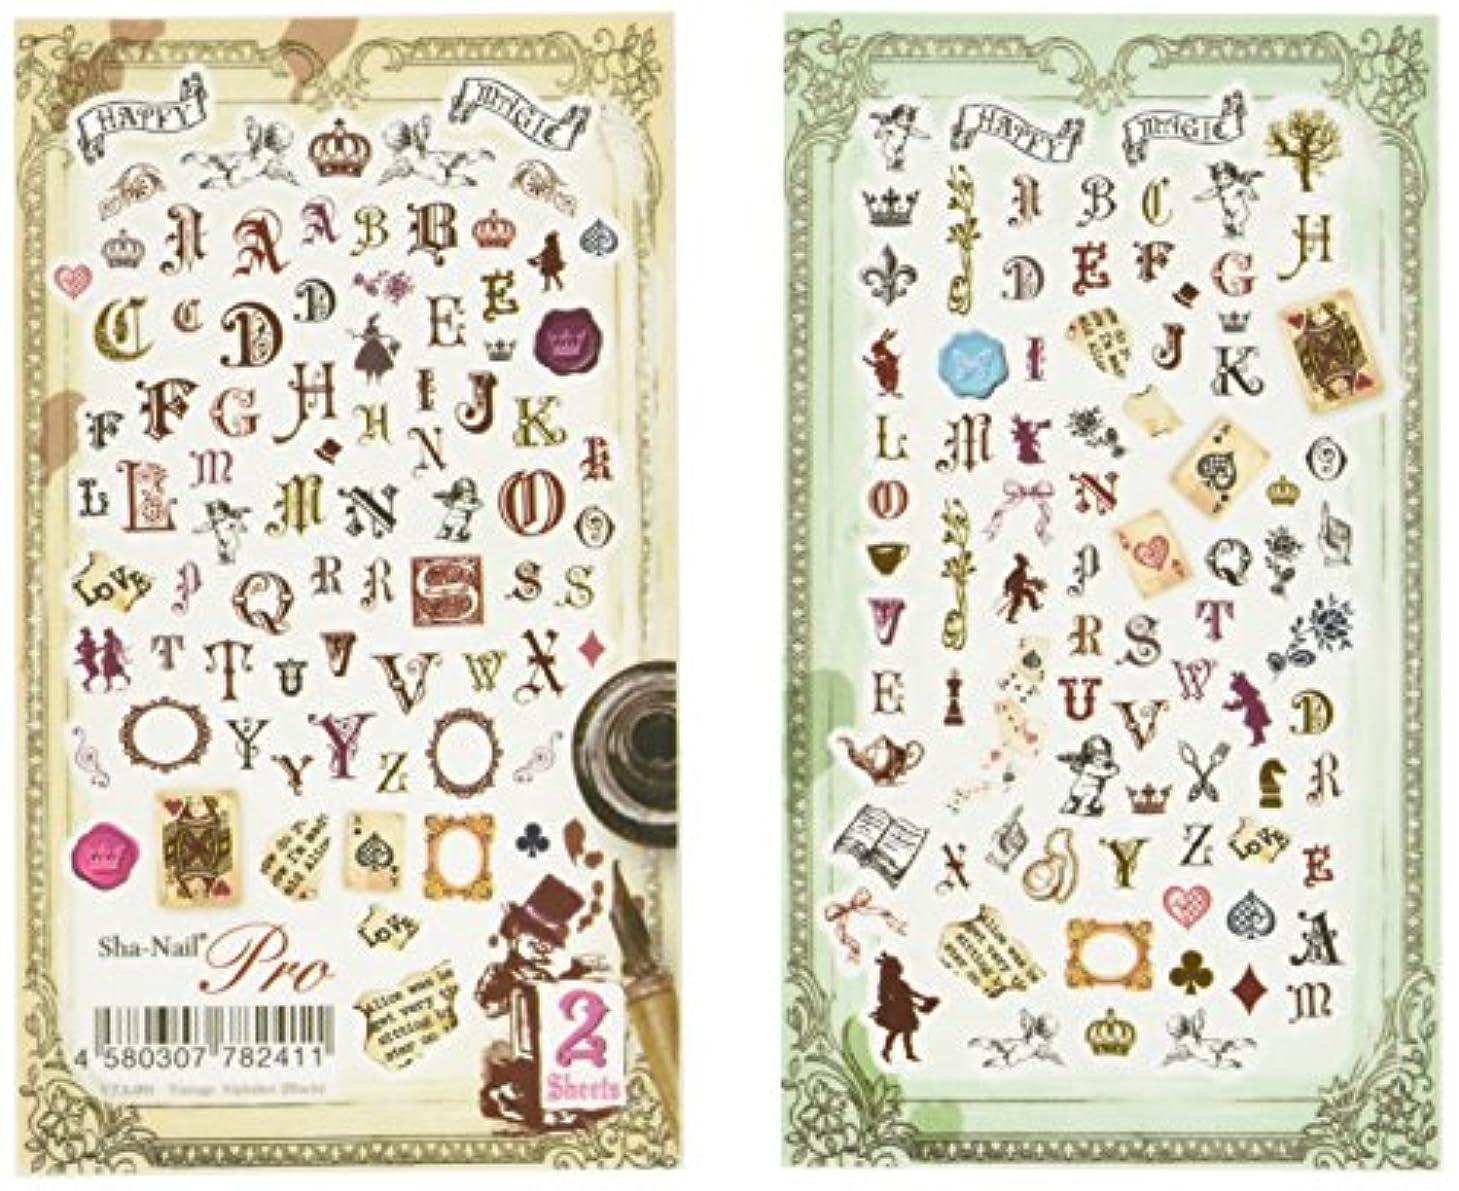 世界記録のギネスブック消去百写ネイルプロ ネイルシール ヴィンテージアルファベット ブラック アート材